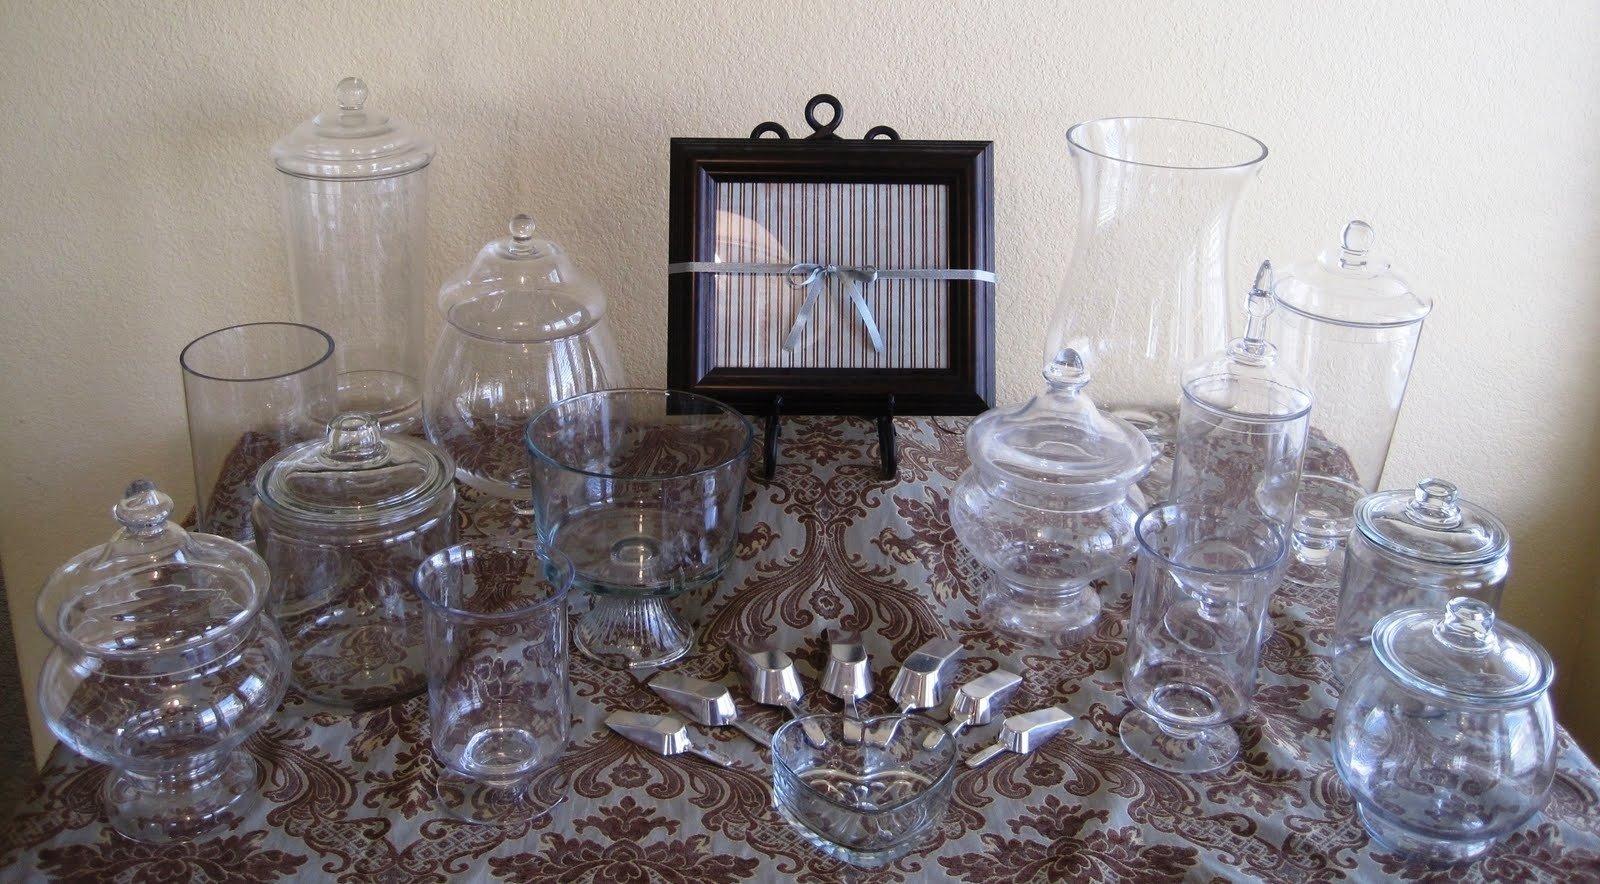 10 Amazing Candy Bar Ideas For Weddings abi blog candy tables wedding diy wedding e280a2 26528 1 2020